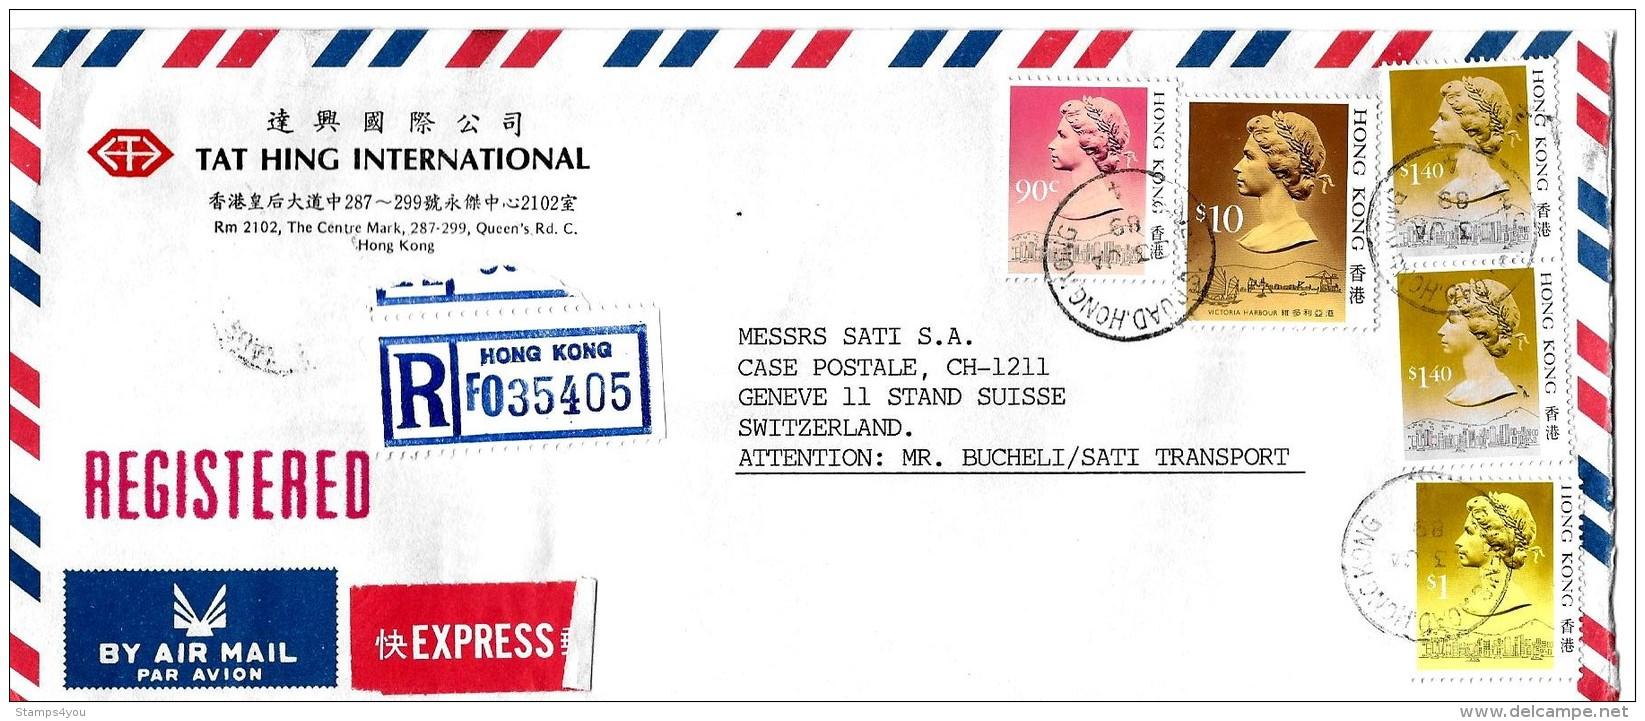 G 309 - Enveloppe Recommandée  Exprès Envoyée De Hong Kong En Suisse 1989 - Lettres & Documents